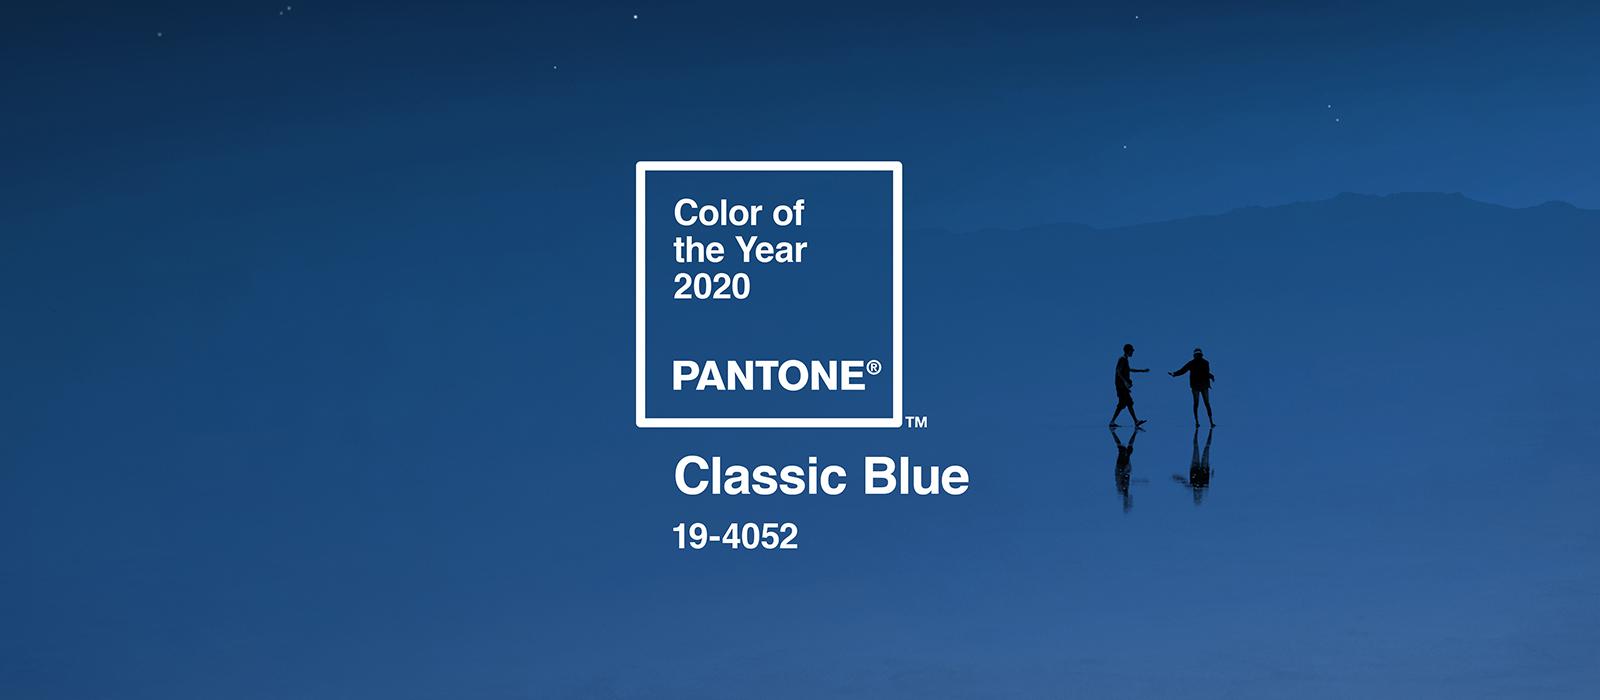 Feeling Blue? So is Pantone in 2020